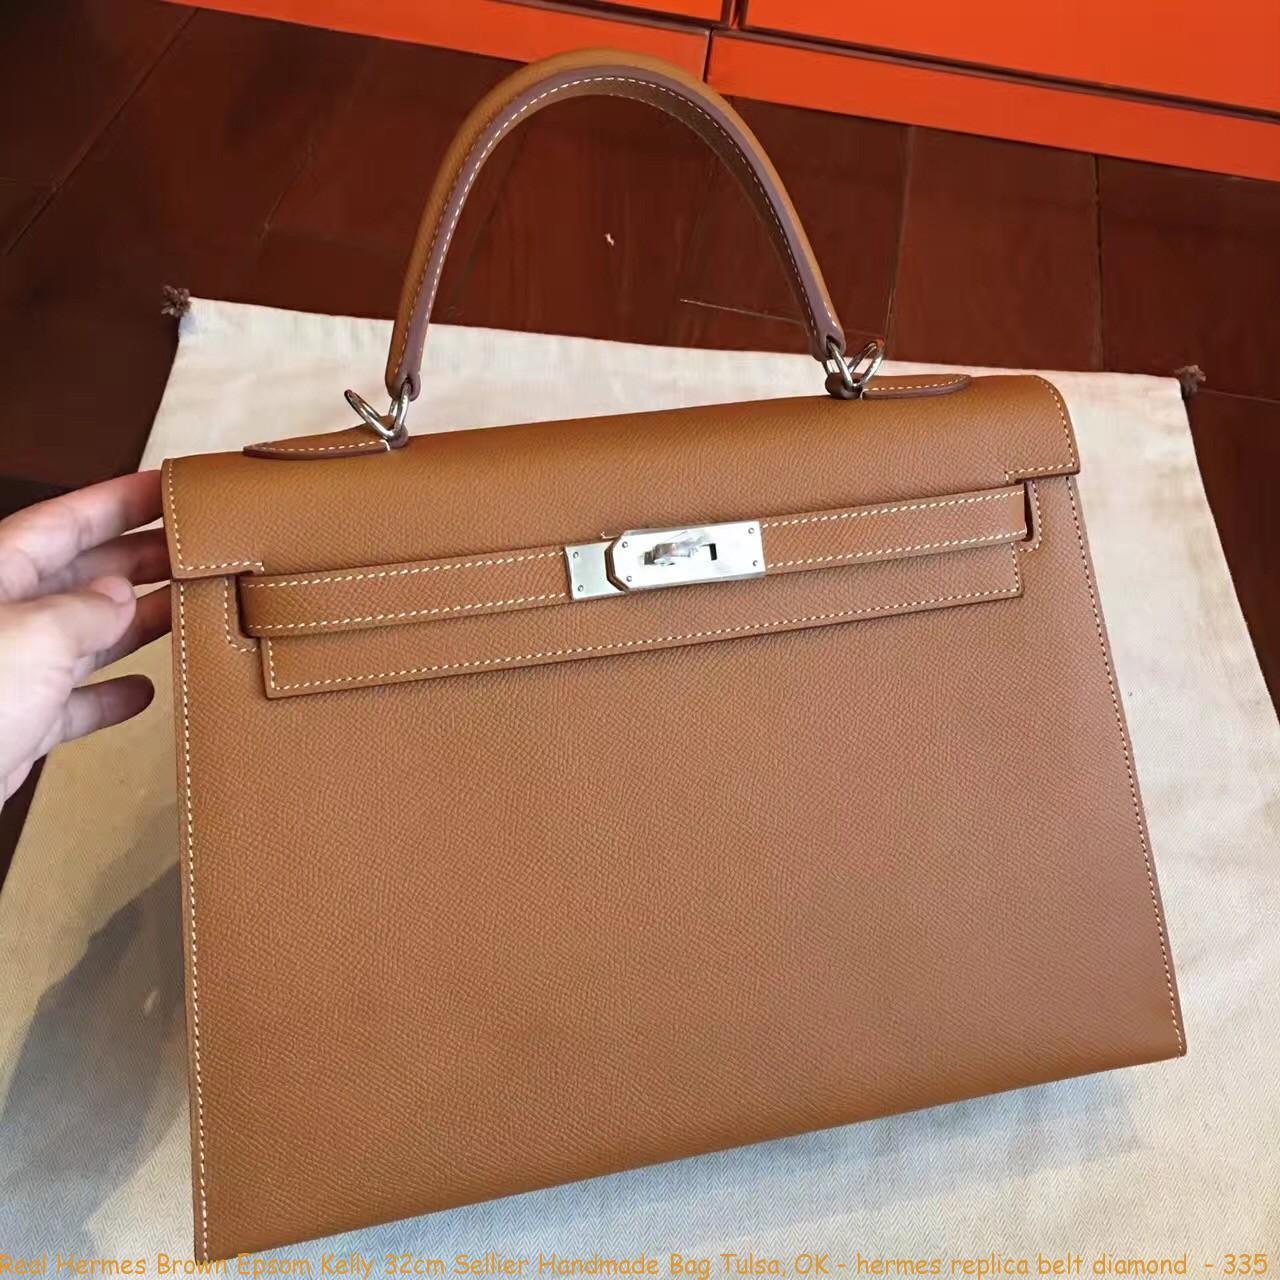 9cddcf8591 Real Hermes Brown Epsom Kelly 32cm Sellier Handmade Bag Tulsa, OK ...